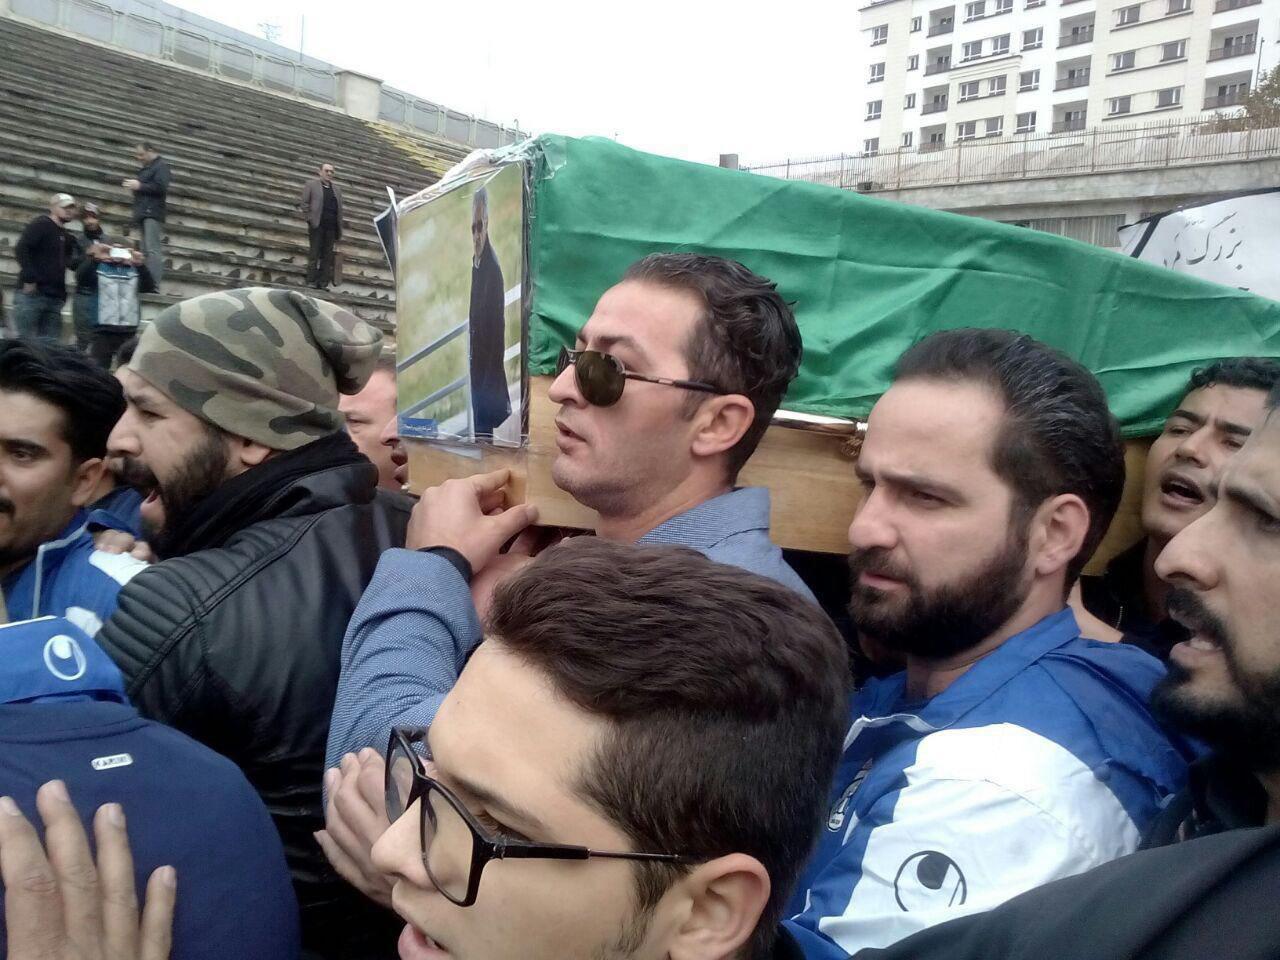 آخرین وداع با مرحوم پورحیدری به روایت تصویر+فیلم